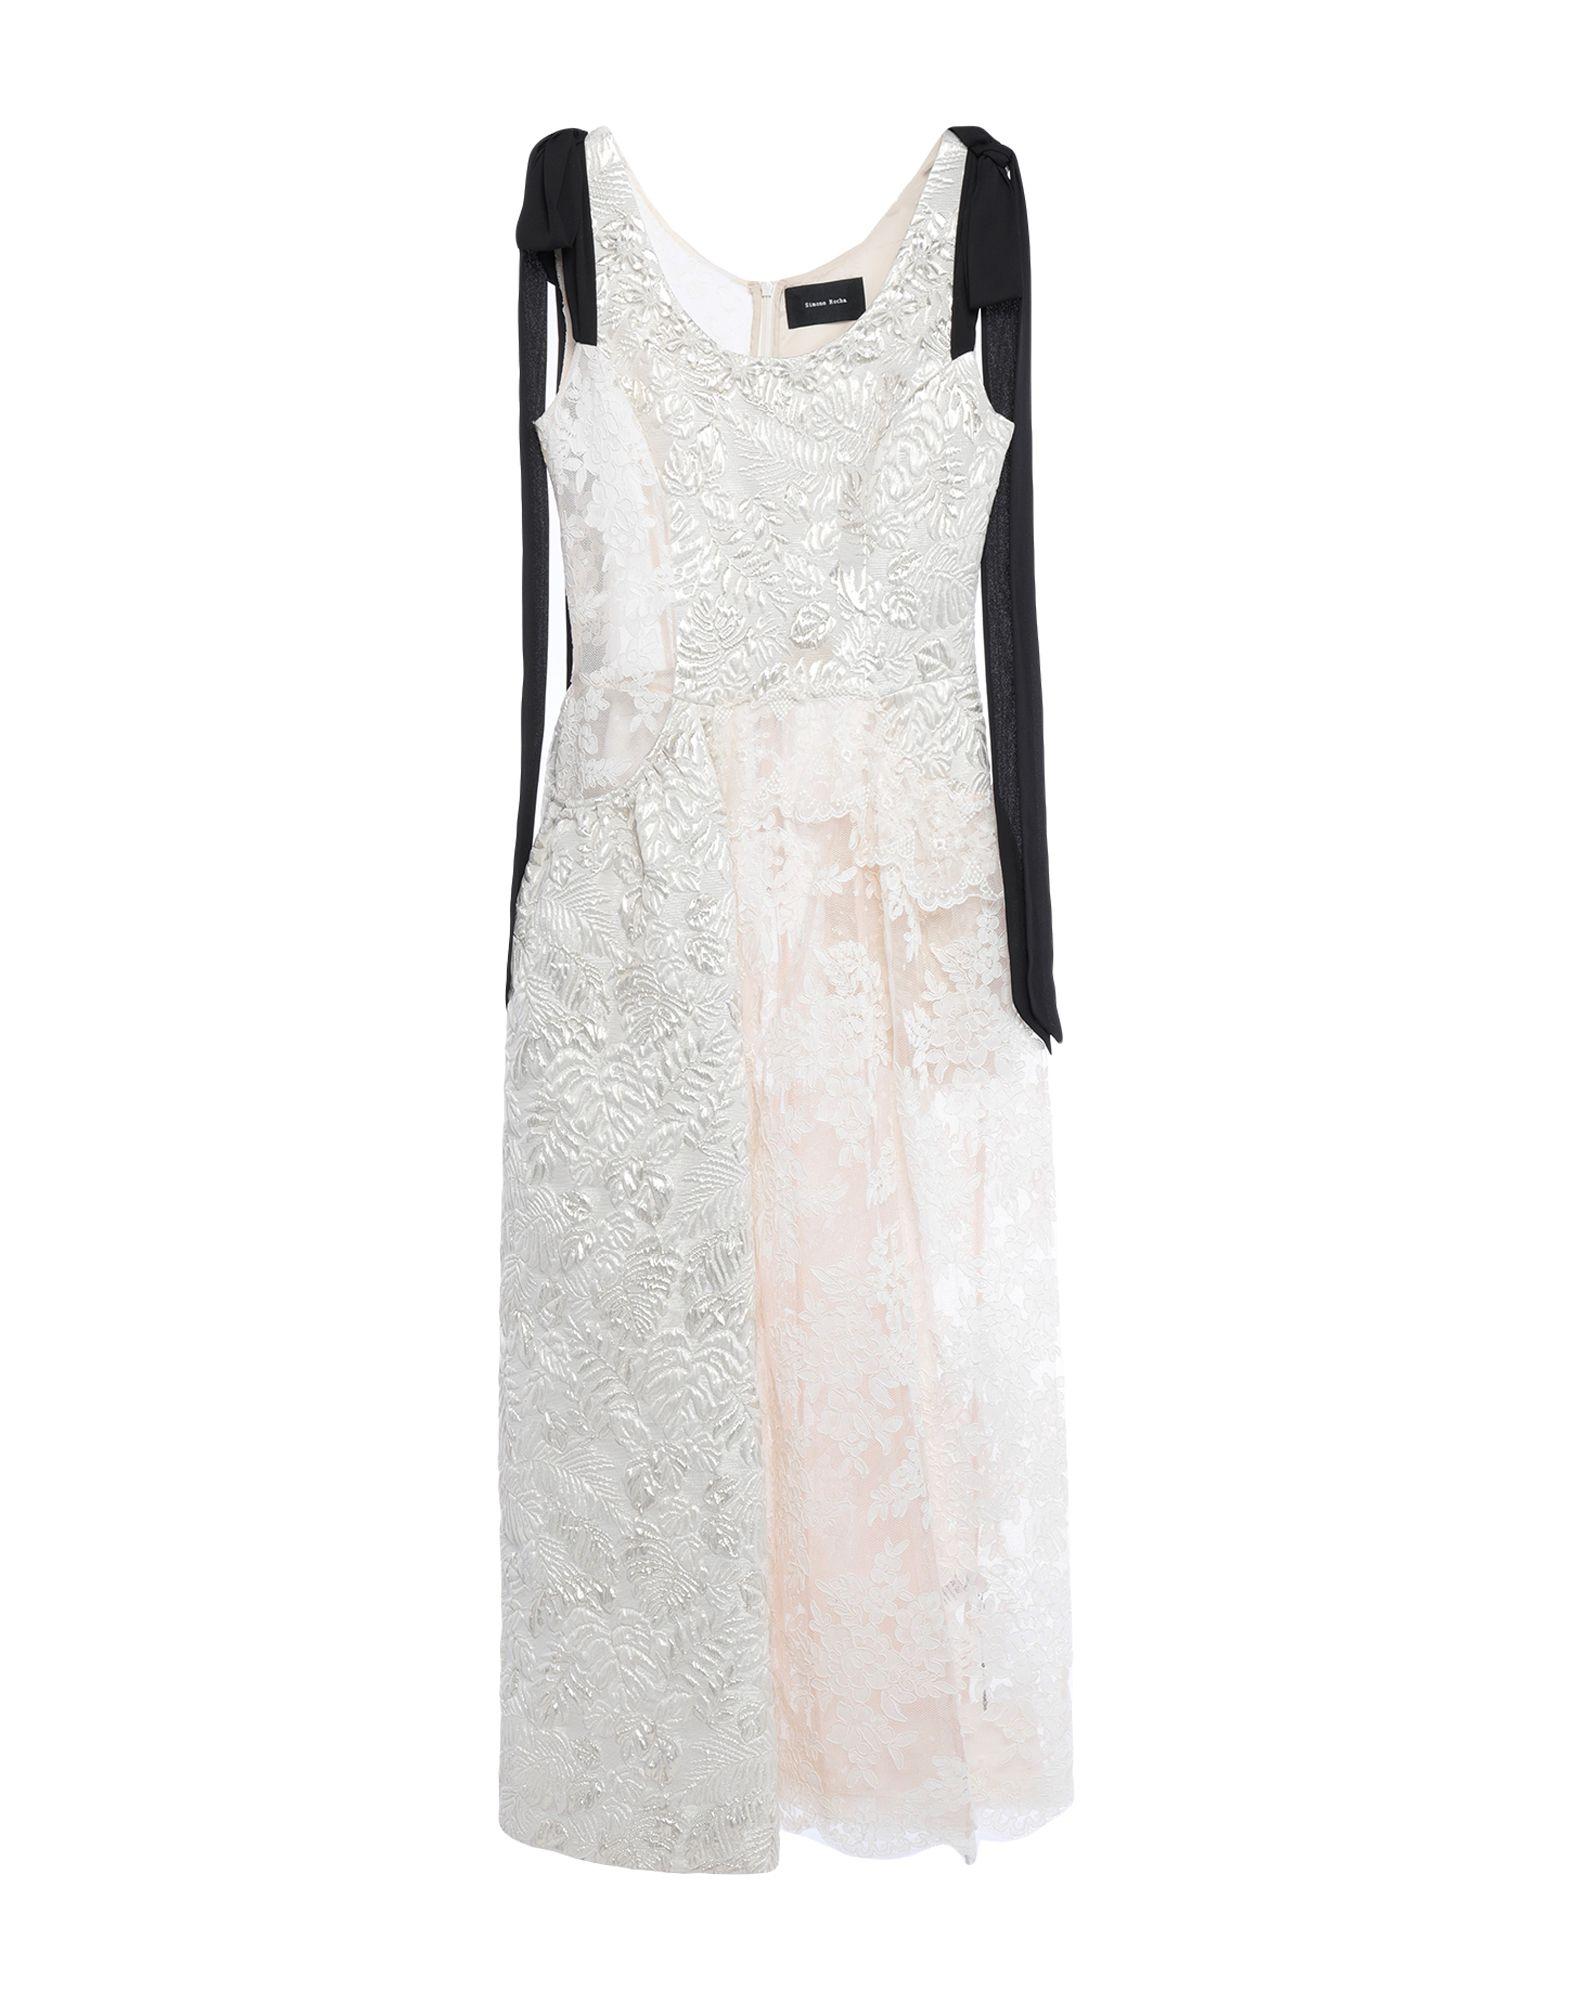 simone rocha x j brand короткое платье SIMONE ROCHA Длинное платье